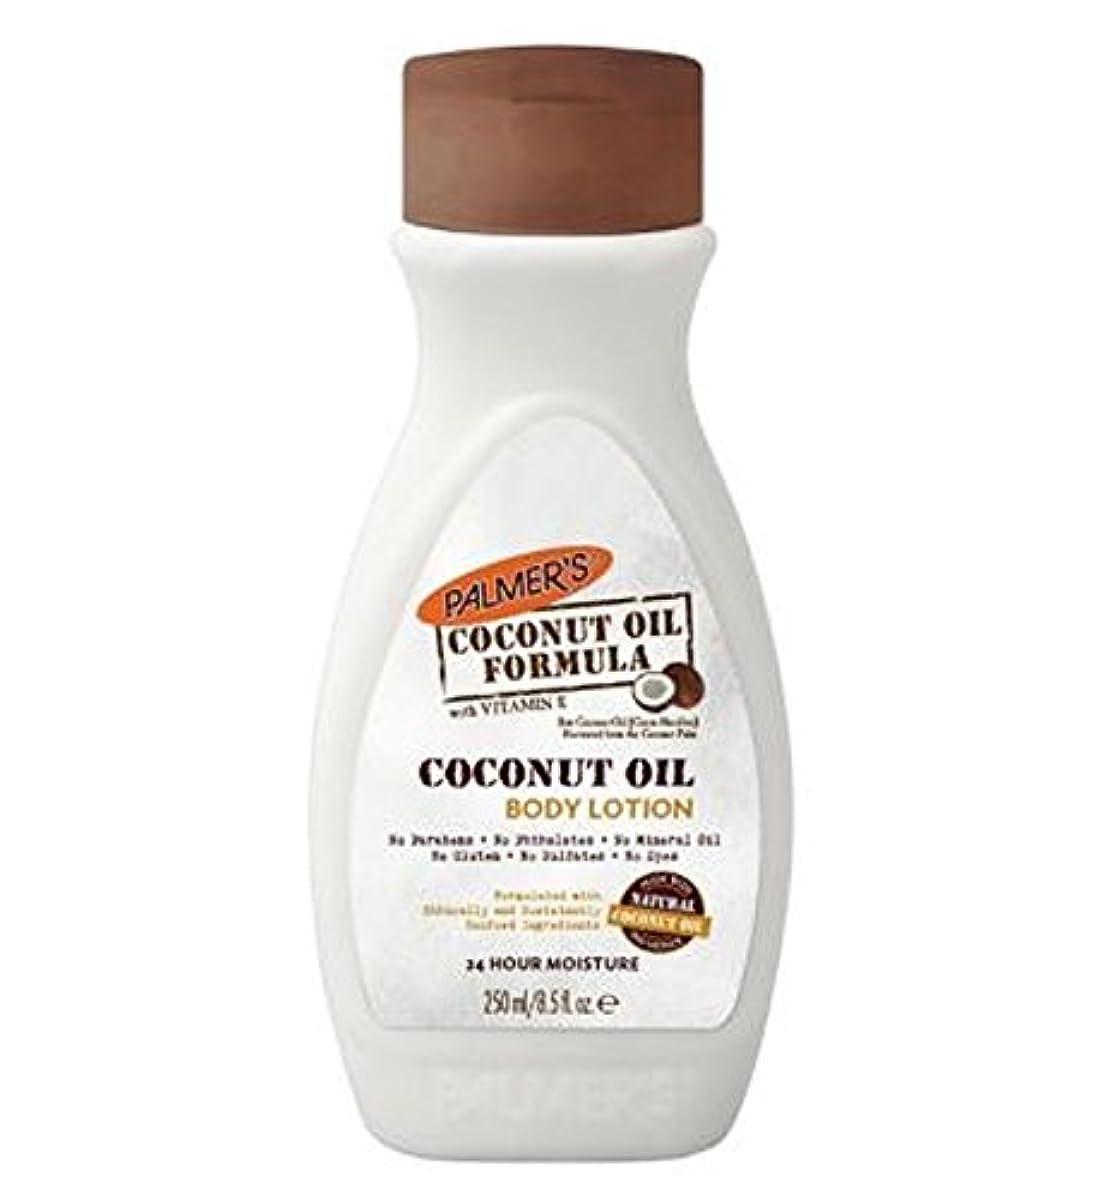 何果てしない未知のPalmer's Coconut Oil Formula Body Lotion 250ml - パーマーのココナッツオイル式ボディローション250ミリリットル (Palmer's) [並行輸入品]